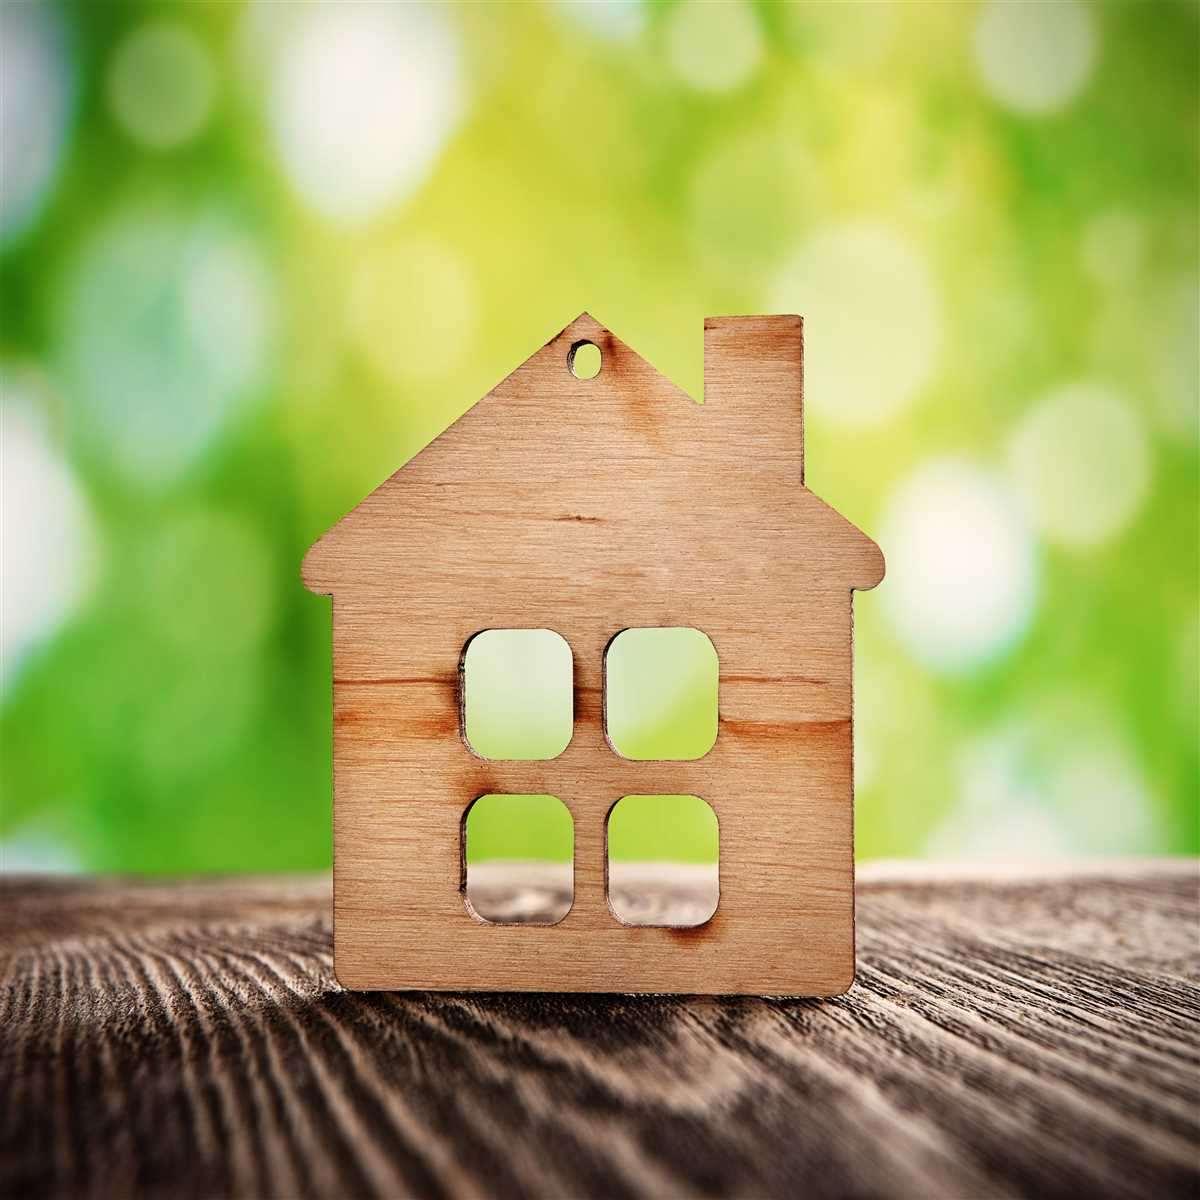 Quanto Costa Ristrutturare Un Rustico la casa in campagna: un sogno per molti italiani